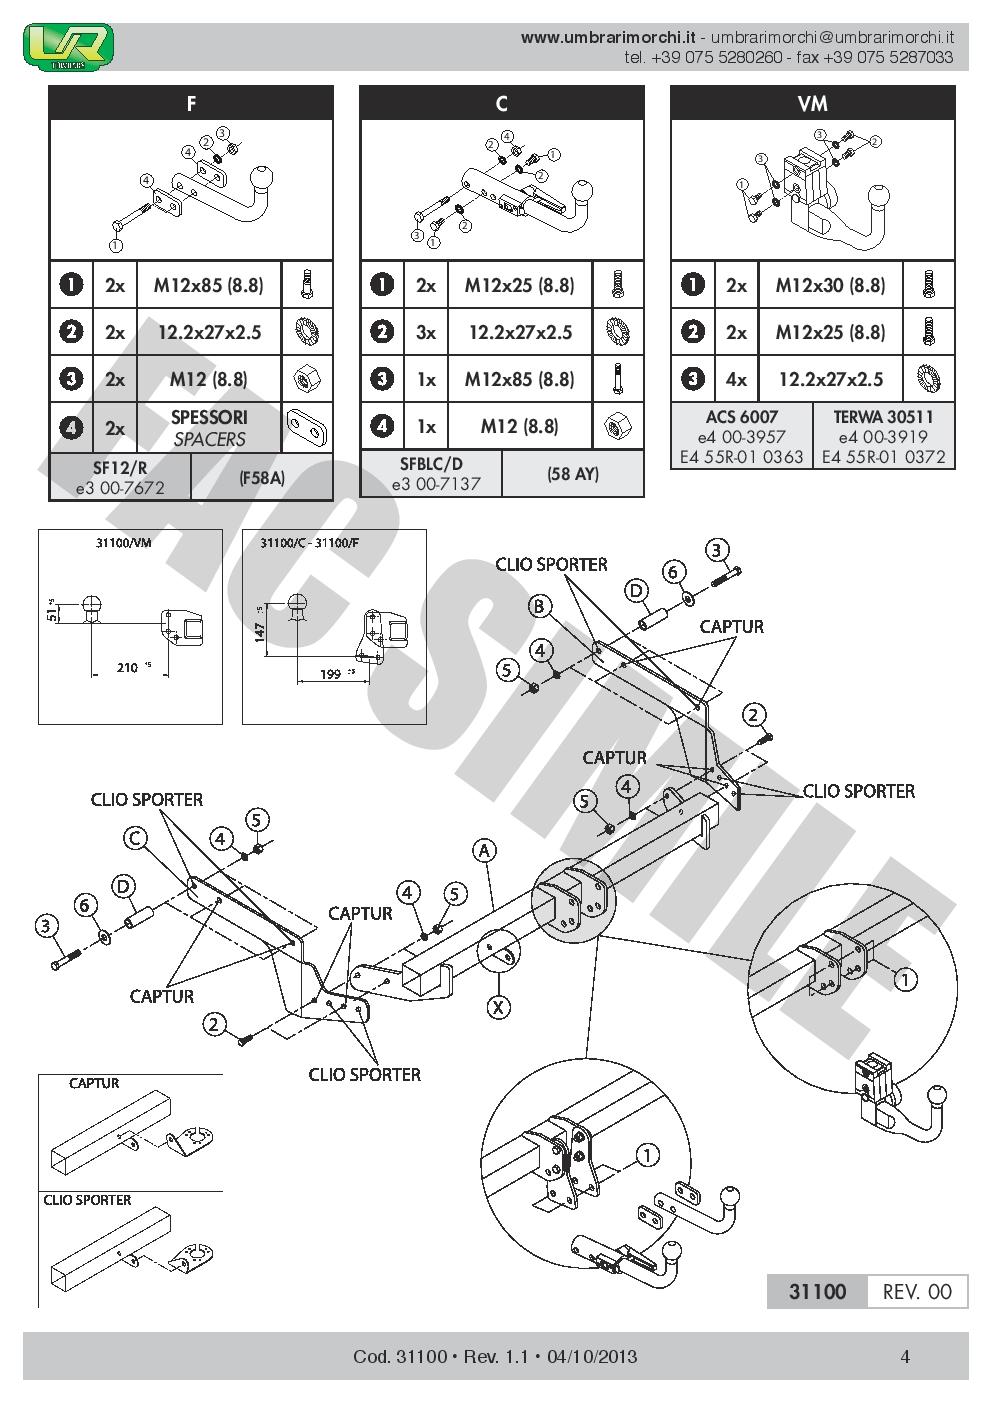 Vertical-Detachable-Towbar-7p-wiring-Tow-Bar-for-